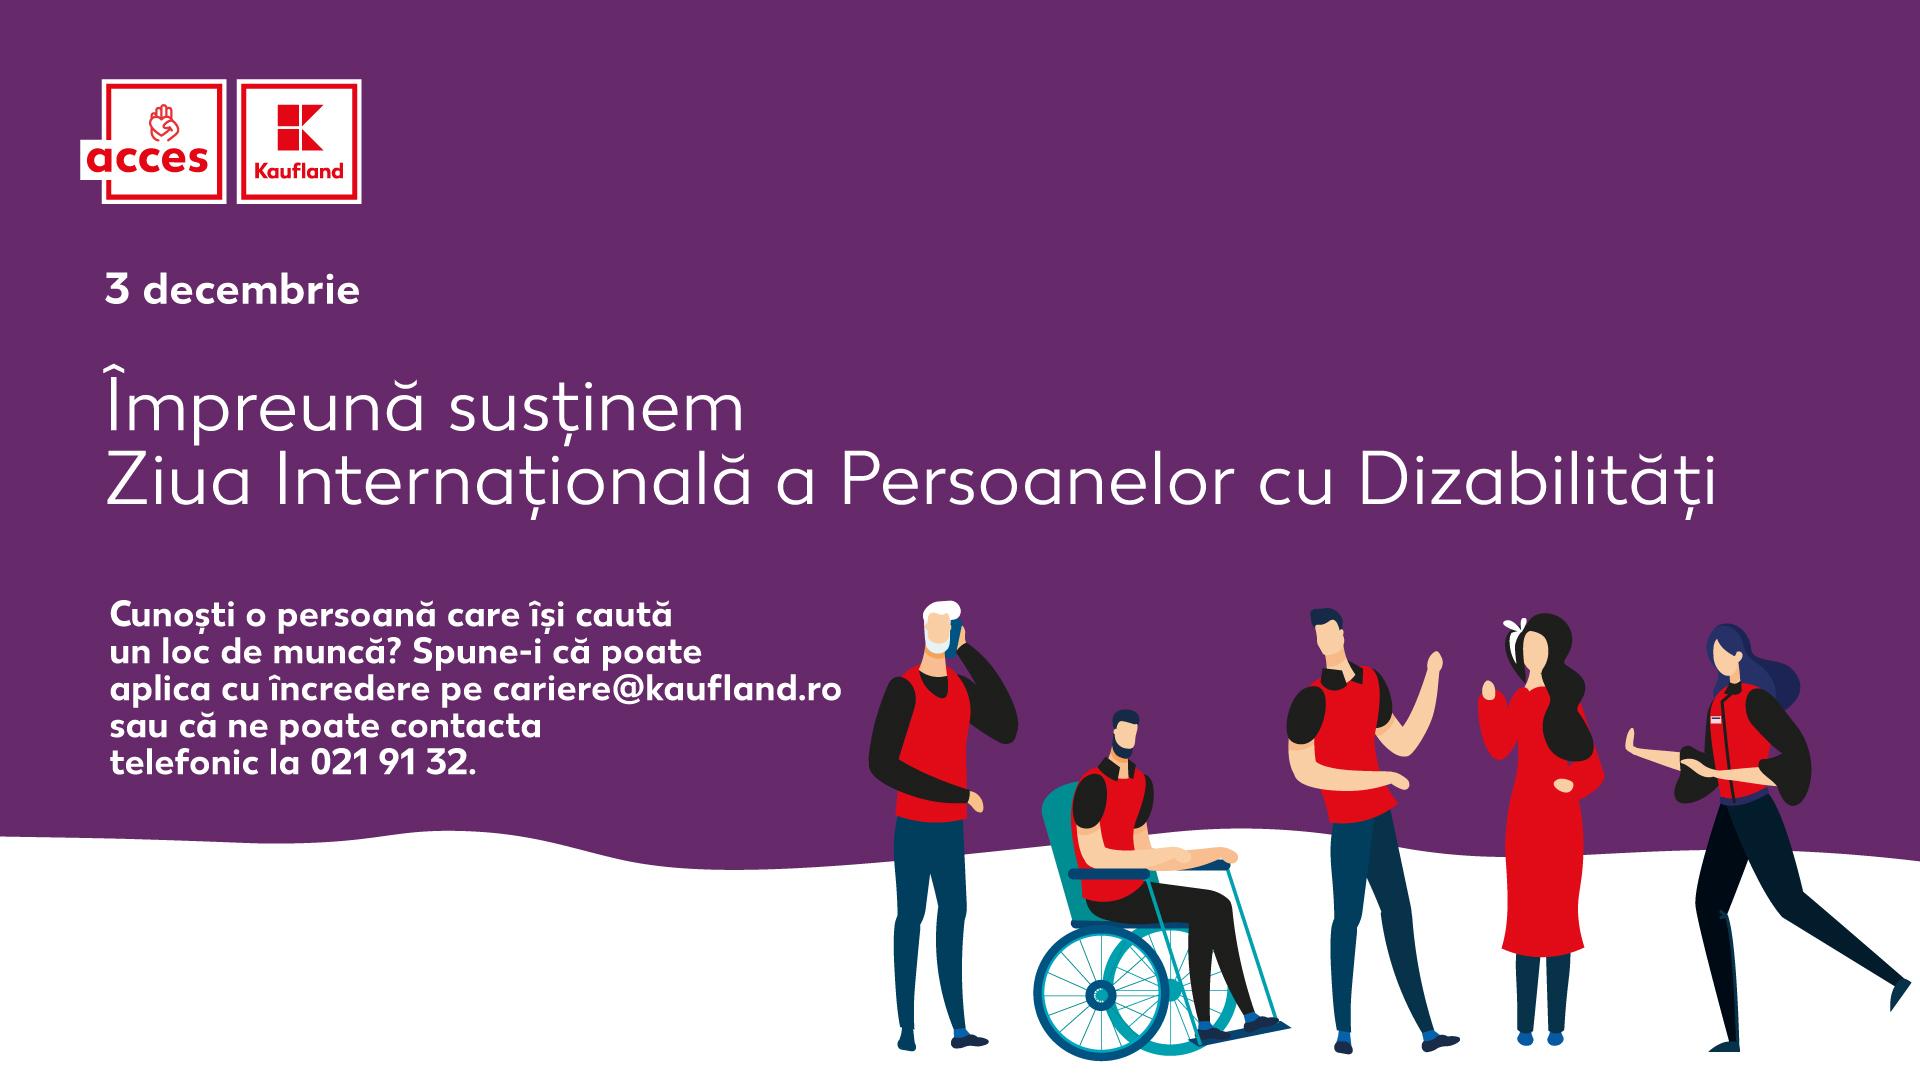 Kaufland România, sprijin puternic pentru persoanele cu dizabilități